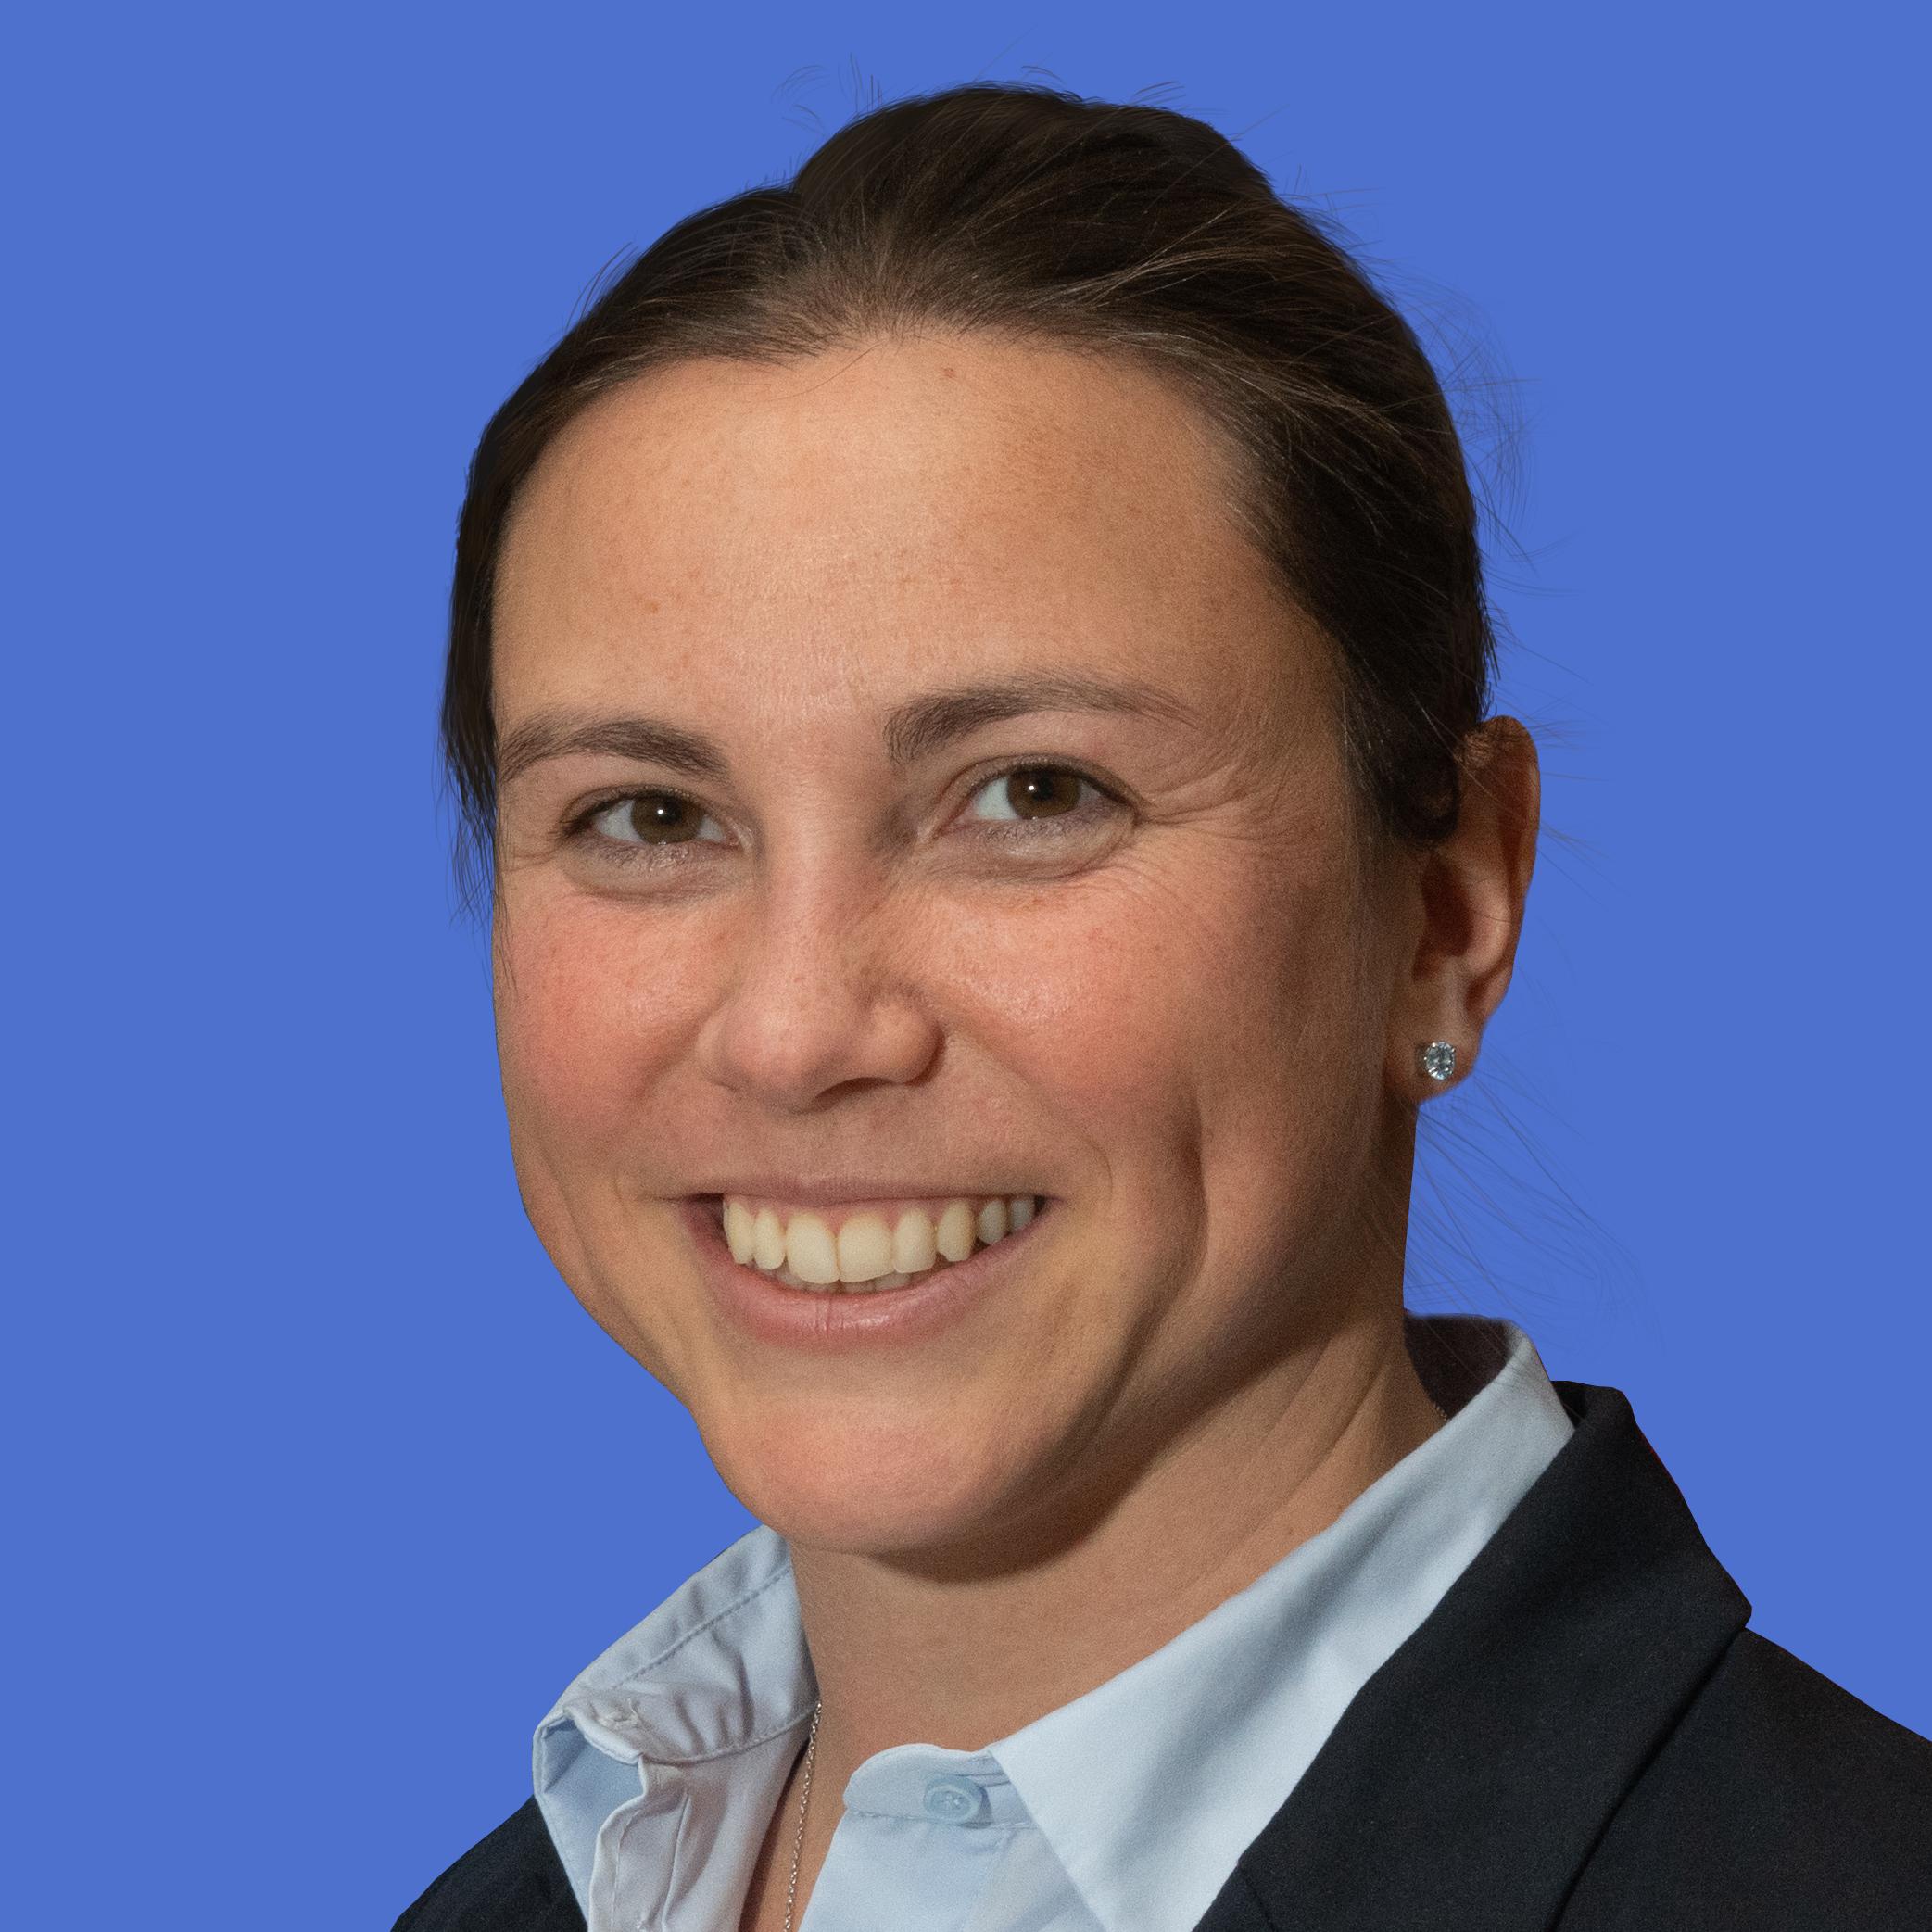 Elodie Viau - Director of TIA